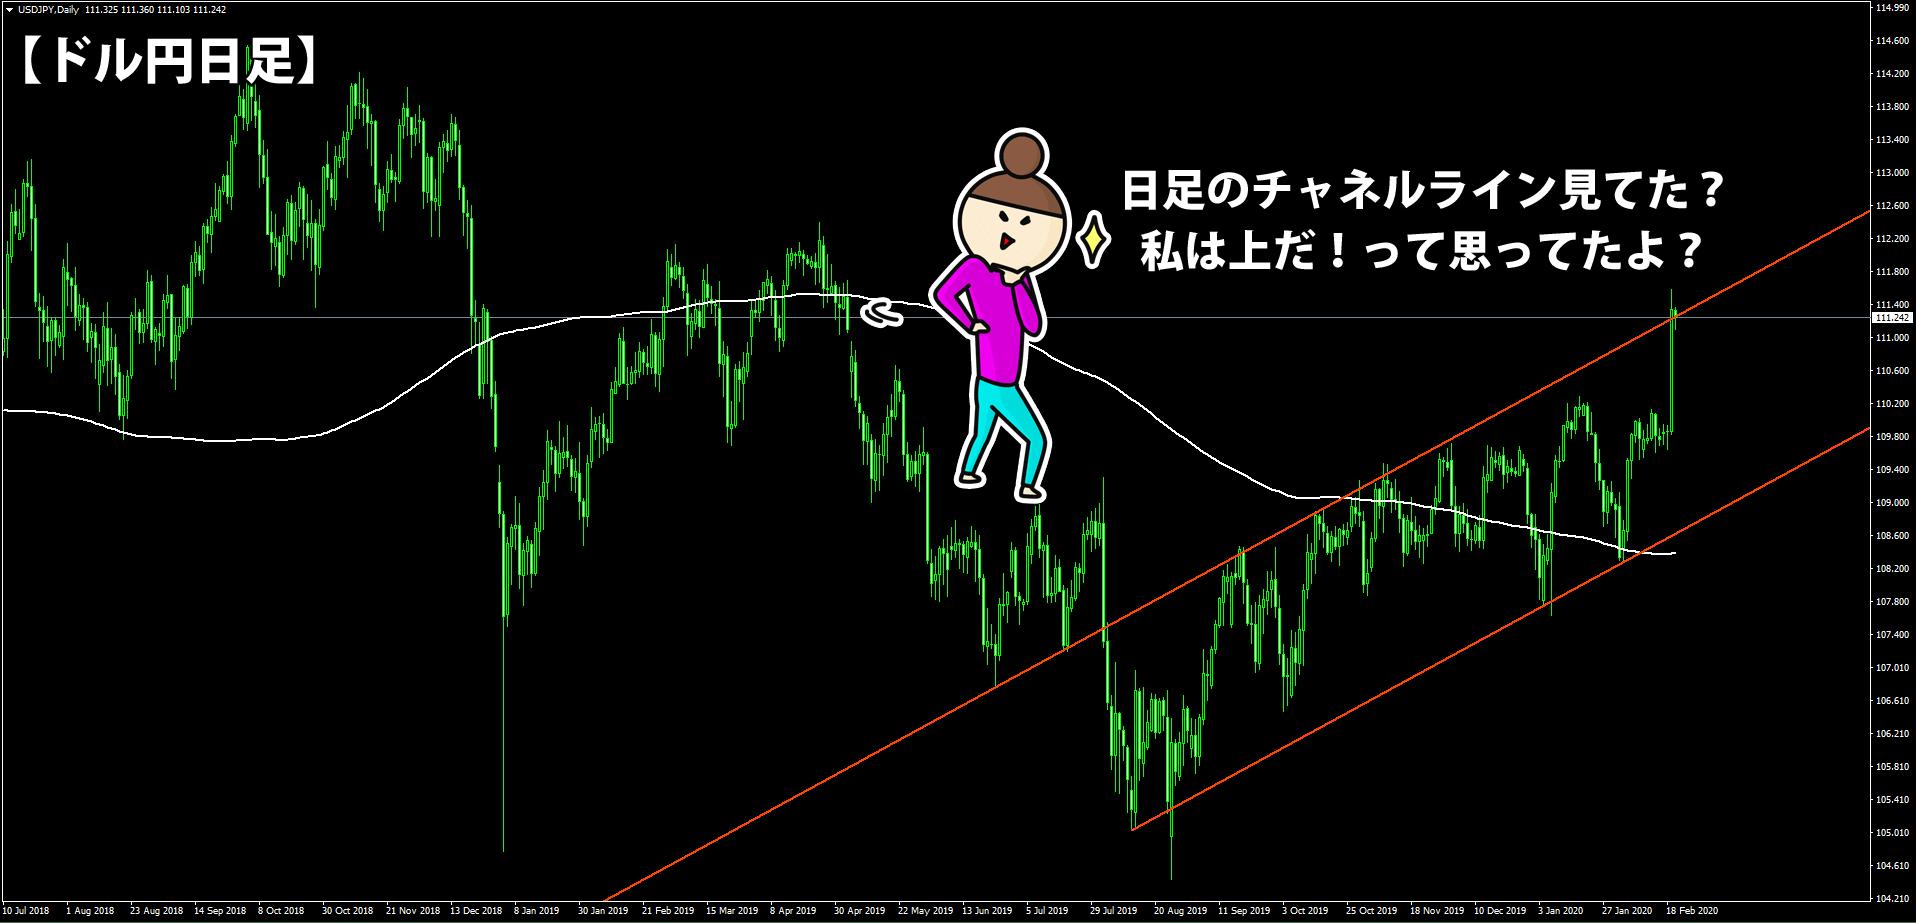 2月20日時点でのドル円日足